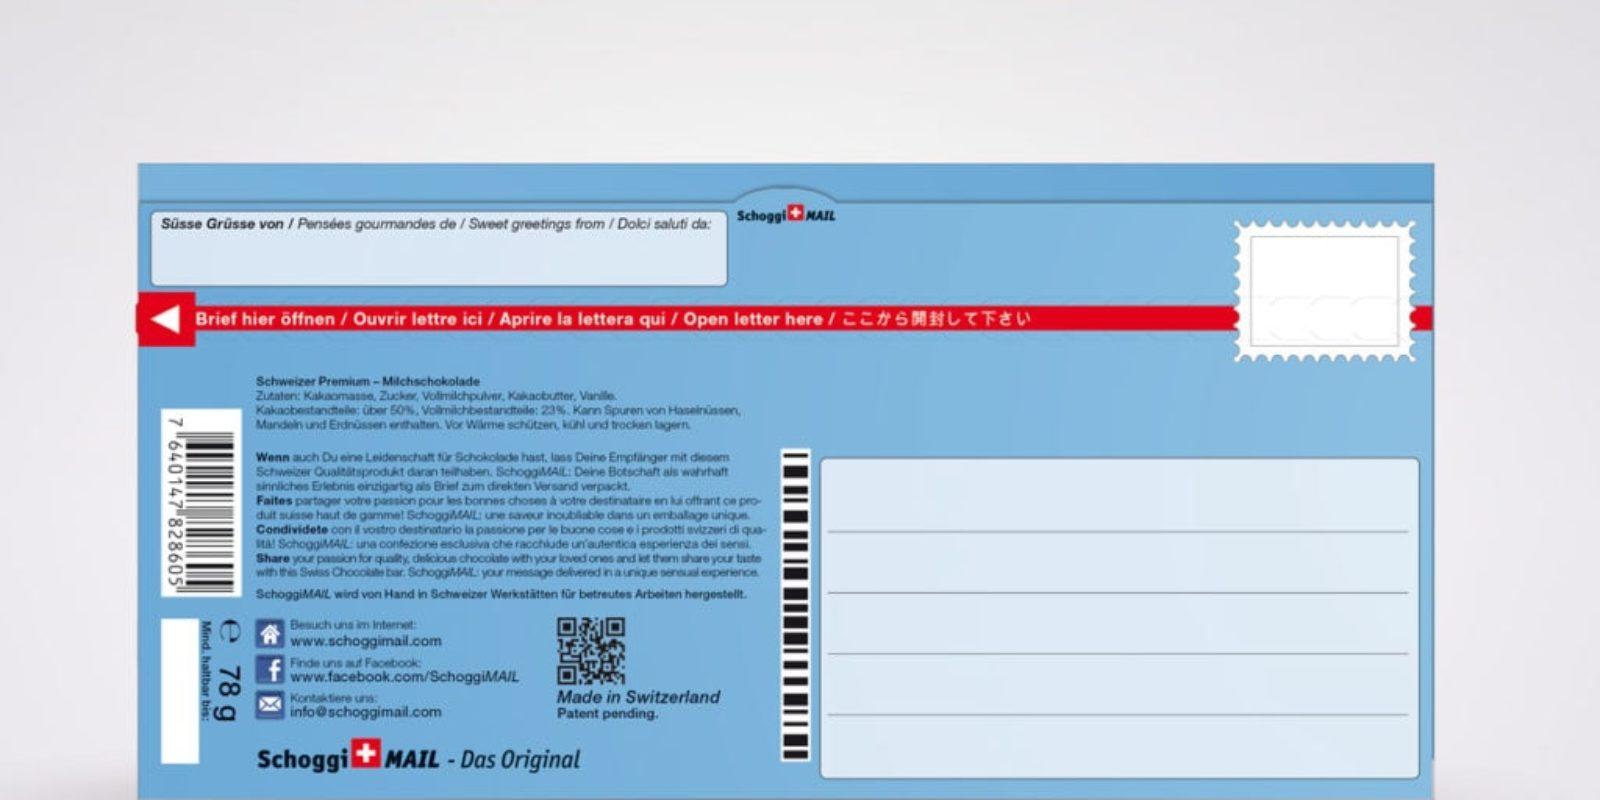 1137860-SchoggiMAIL_Li-Vaduz-Blumen_back